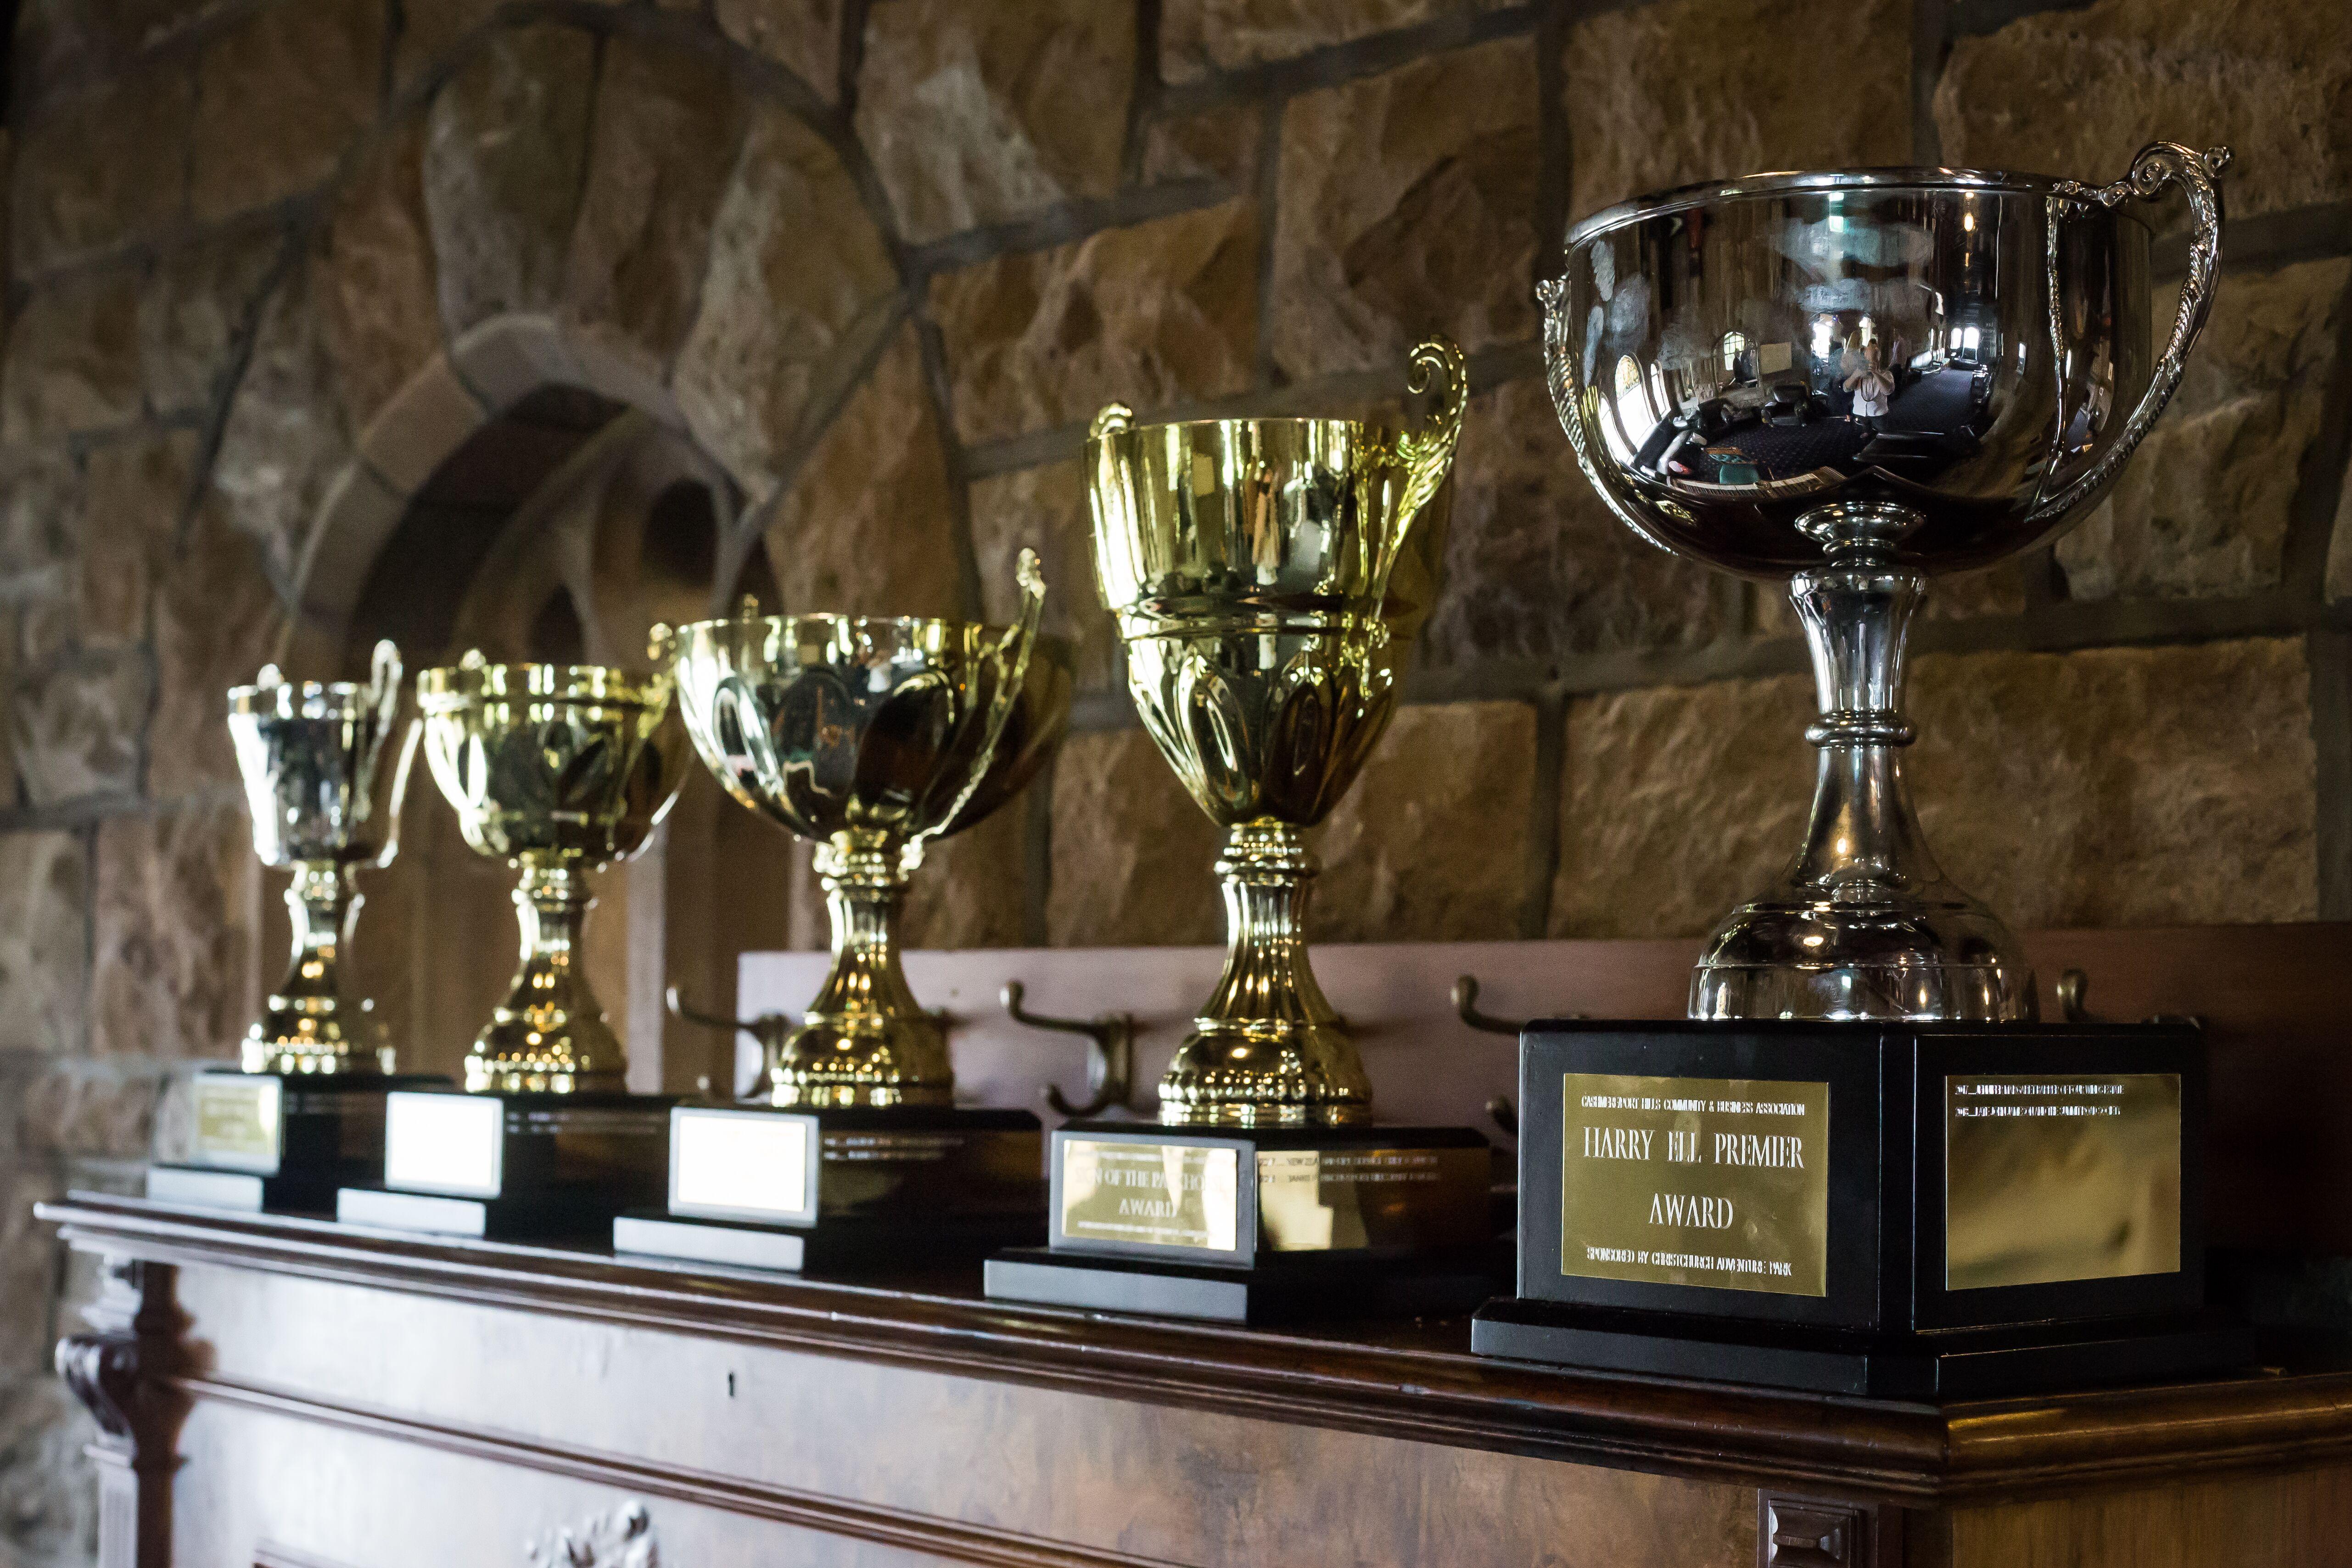 Harry Ell Awards 2018